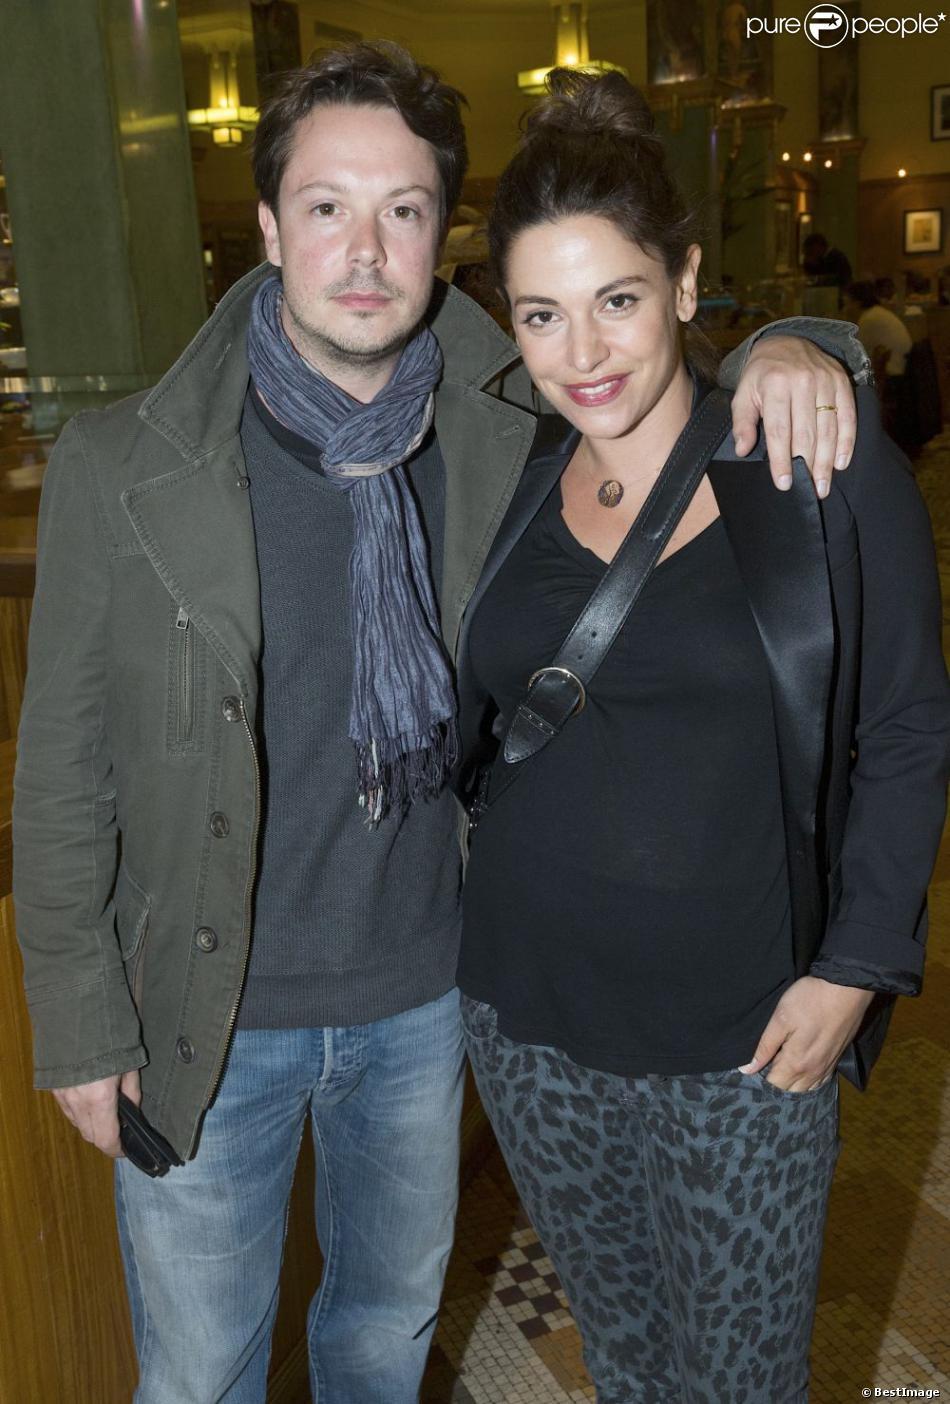 Davy Sardou et sa femme Noémie Elbaz, enceinte qui accouchera en aout de leur premier enfant, le 29 mai 2013 au théâtre Rive Gauche